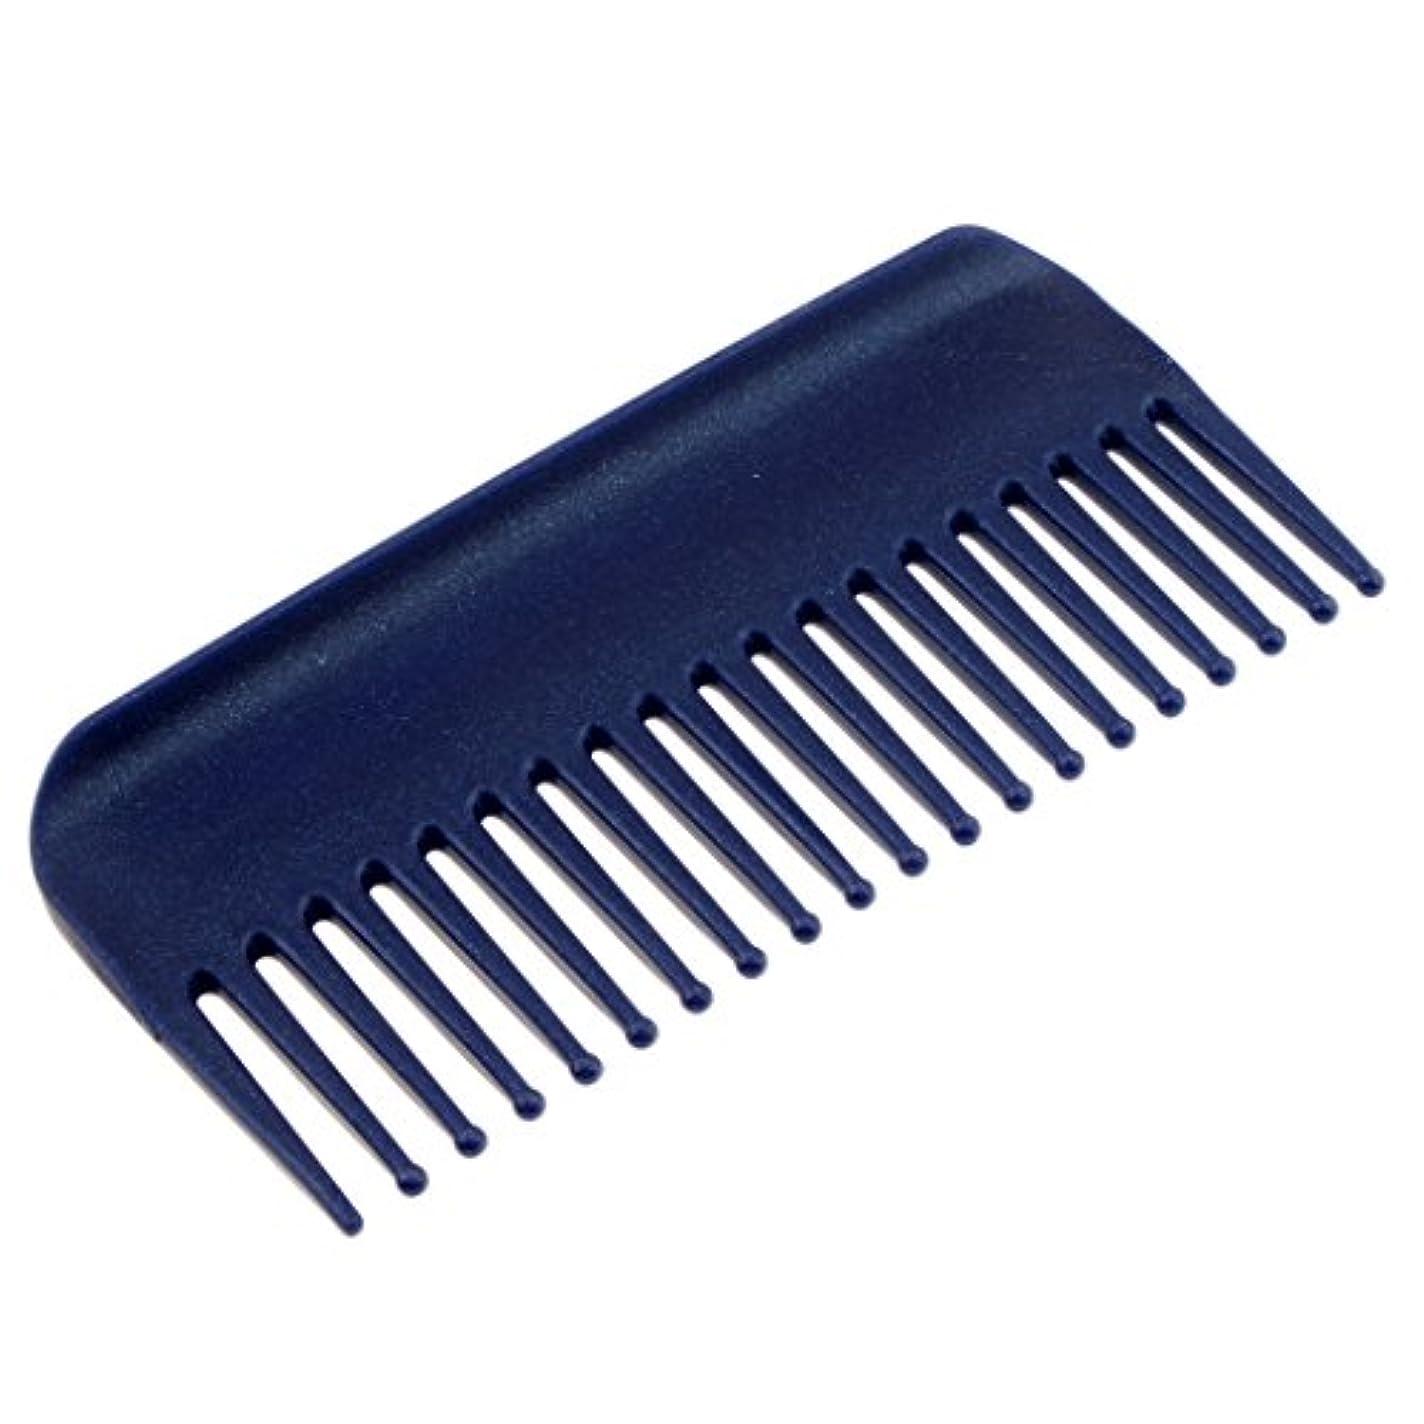 団結するサークル管理しますヘアコーム ヘアブラシ コーム 櫛 くし 頭皮 マッサージ 耐熱性 帯電防止 便利 サロン 自宅用 4色選べる - 青